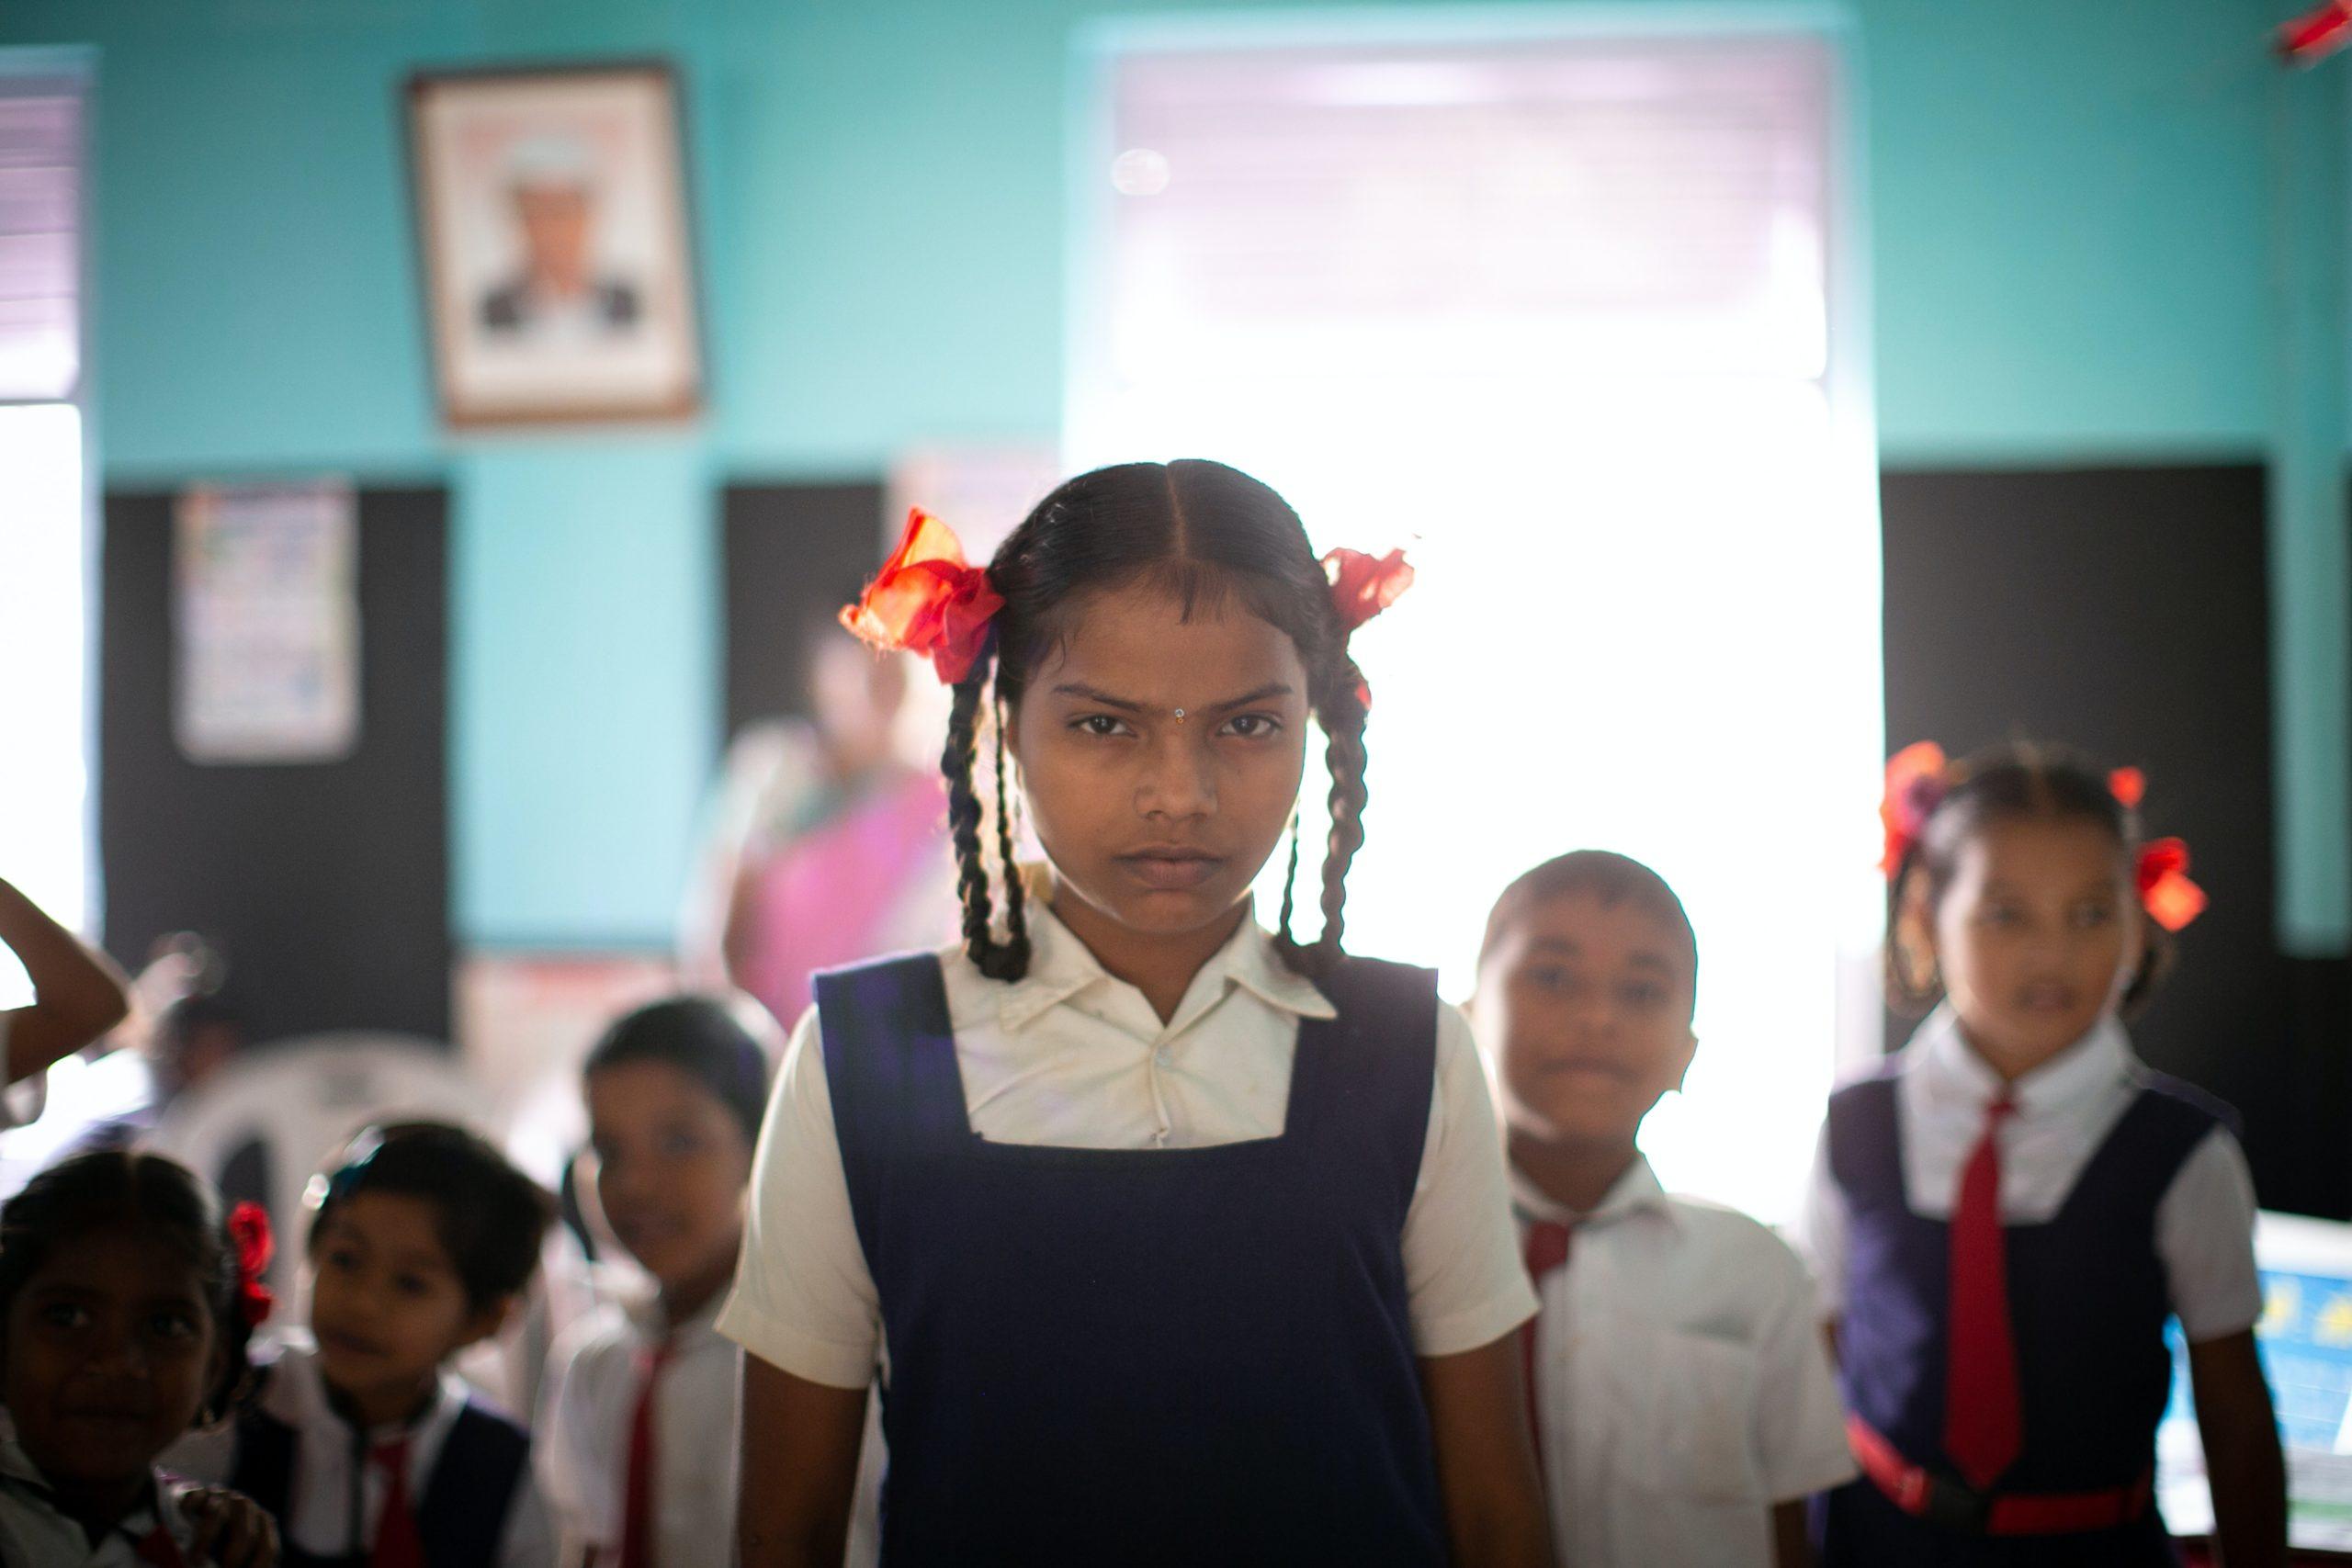 Za jedenáct let svého působení dosáhl Ranjitsinh Disale u dívek prakticky stoprocentní docházky a v okolí jeho školy v podstatě vymizel fenomén dětských nevěst.